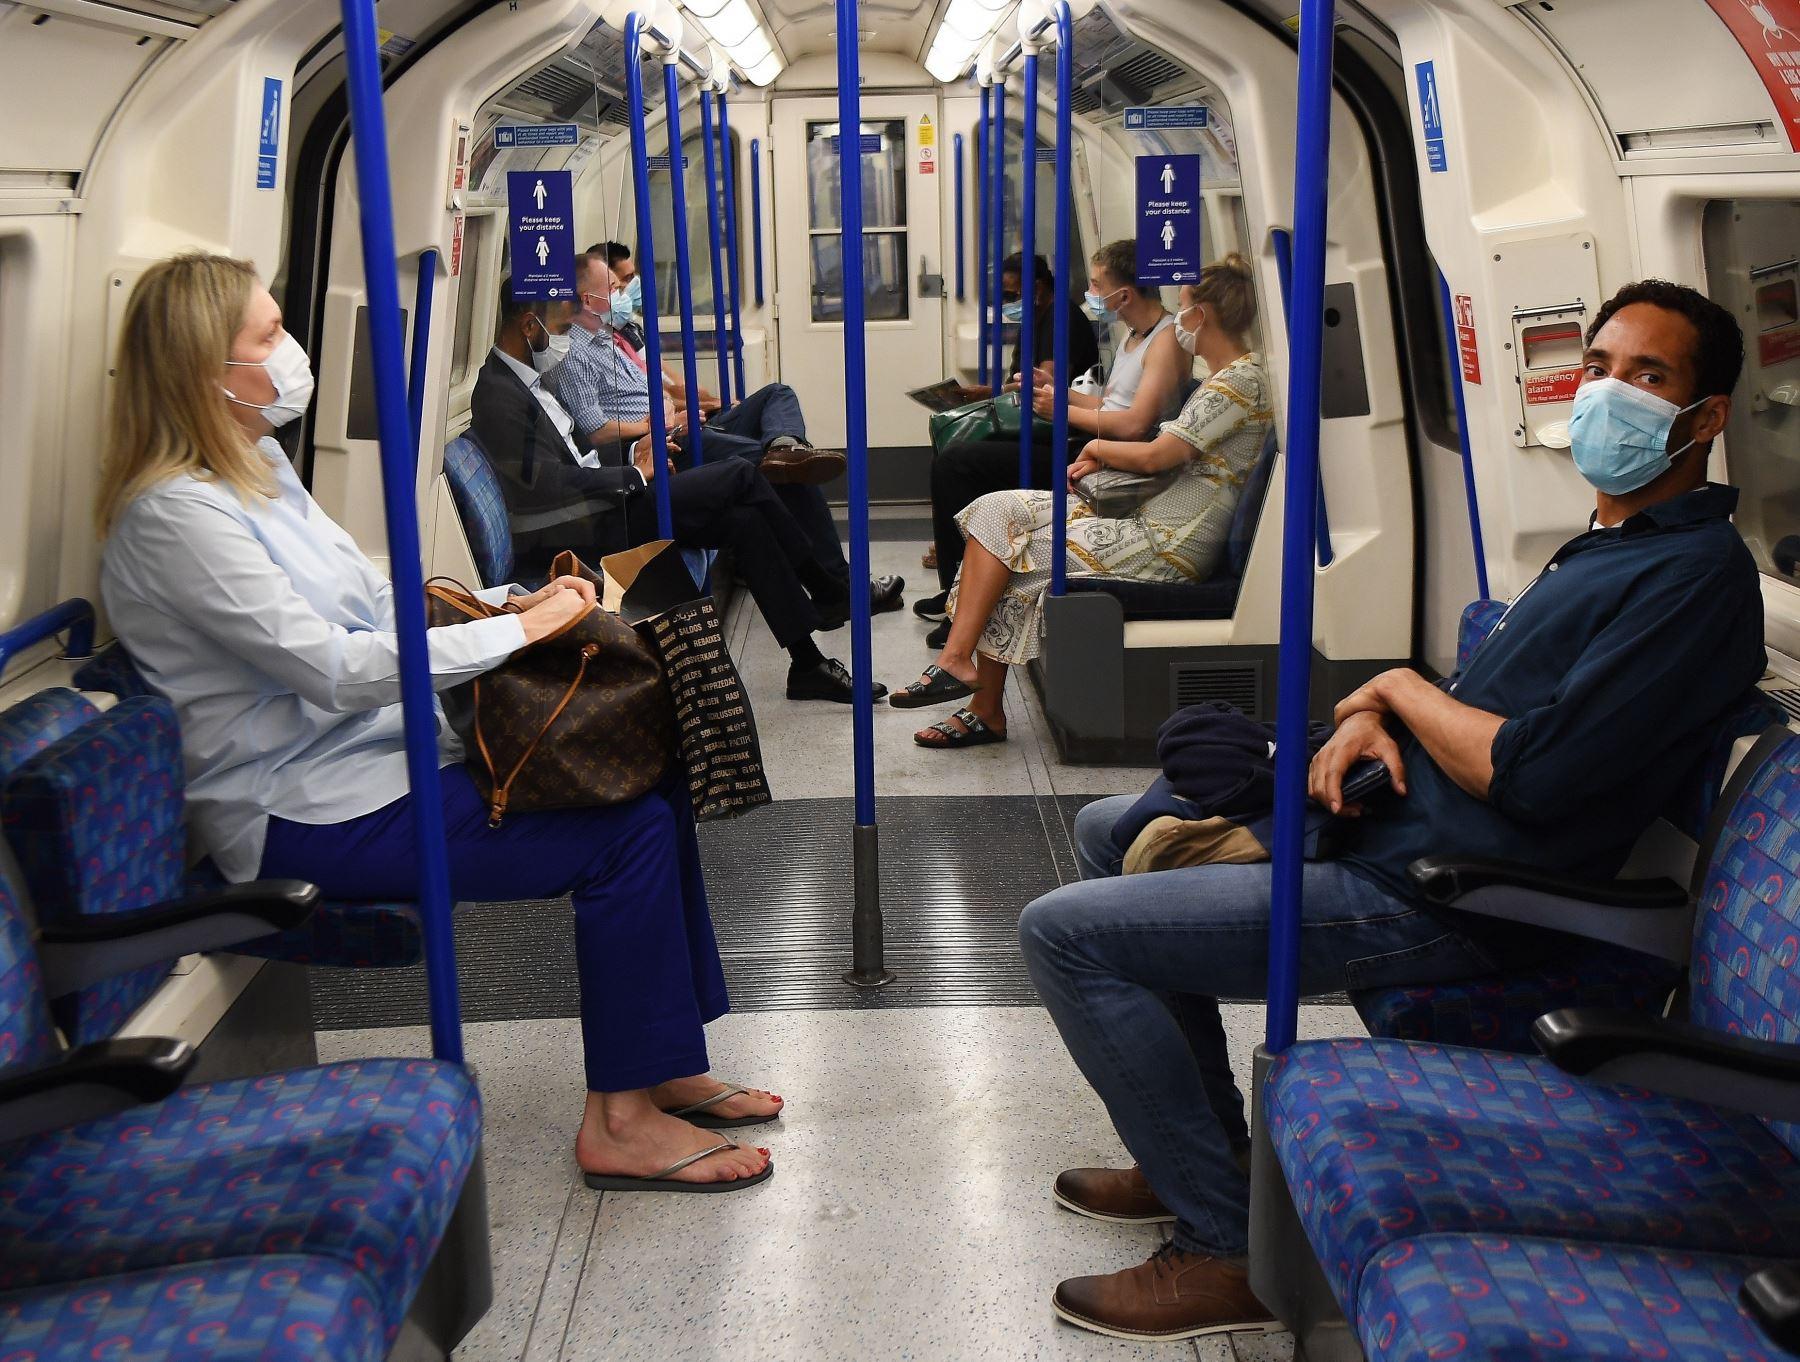 Viajeros en el metro en el centro de Londres, Gran Bretaña, 04 de agosto de 2020. Foto: EFE